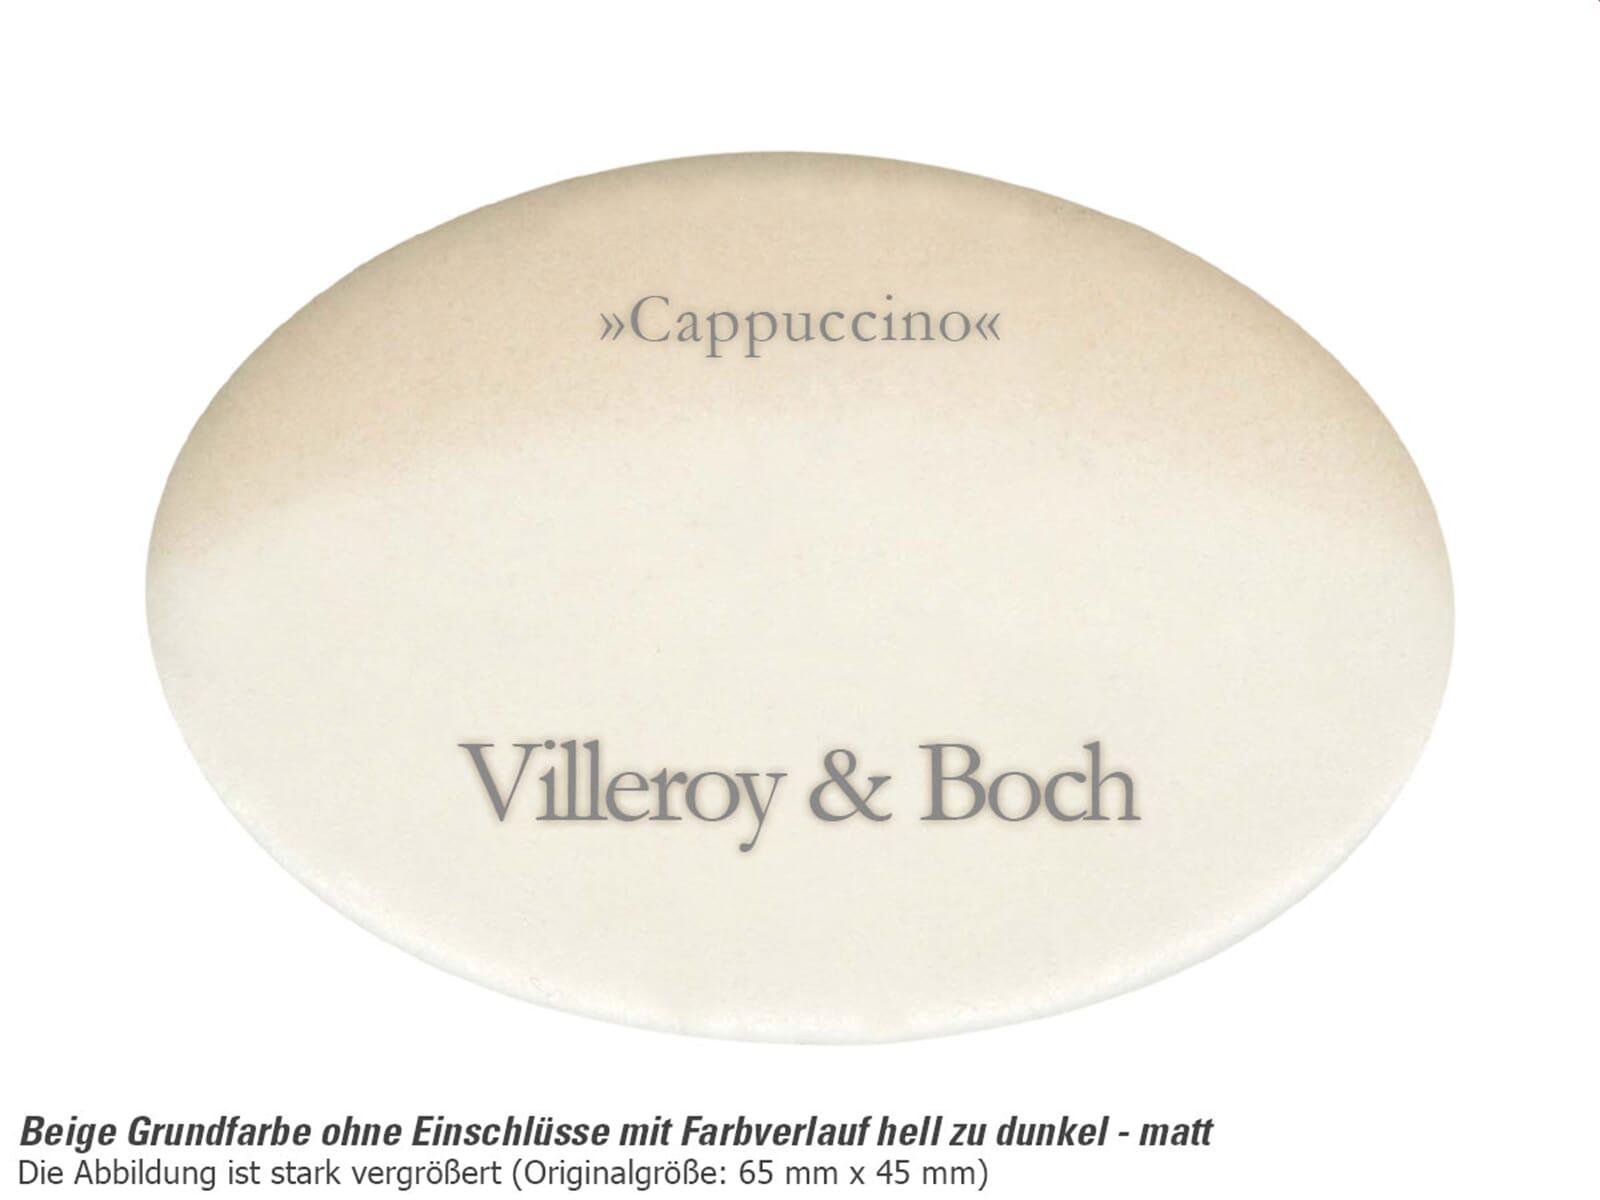 Villeroy & Boch Subway 80 Cappuccino - 6726 02 i2 Keramikspüle Exzenterbetätigung